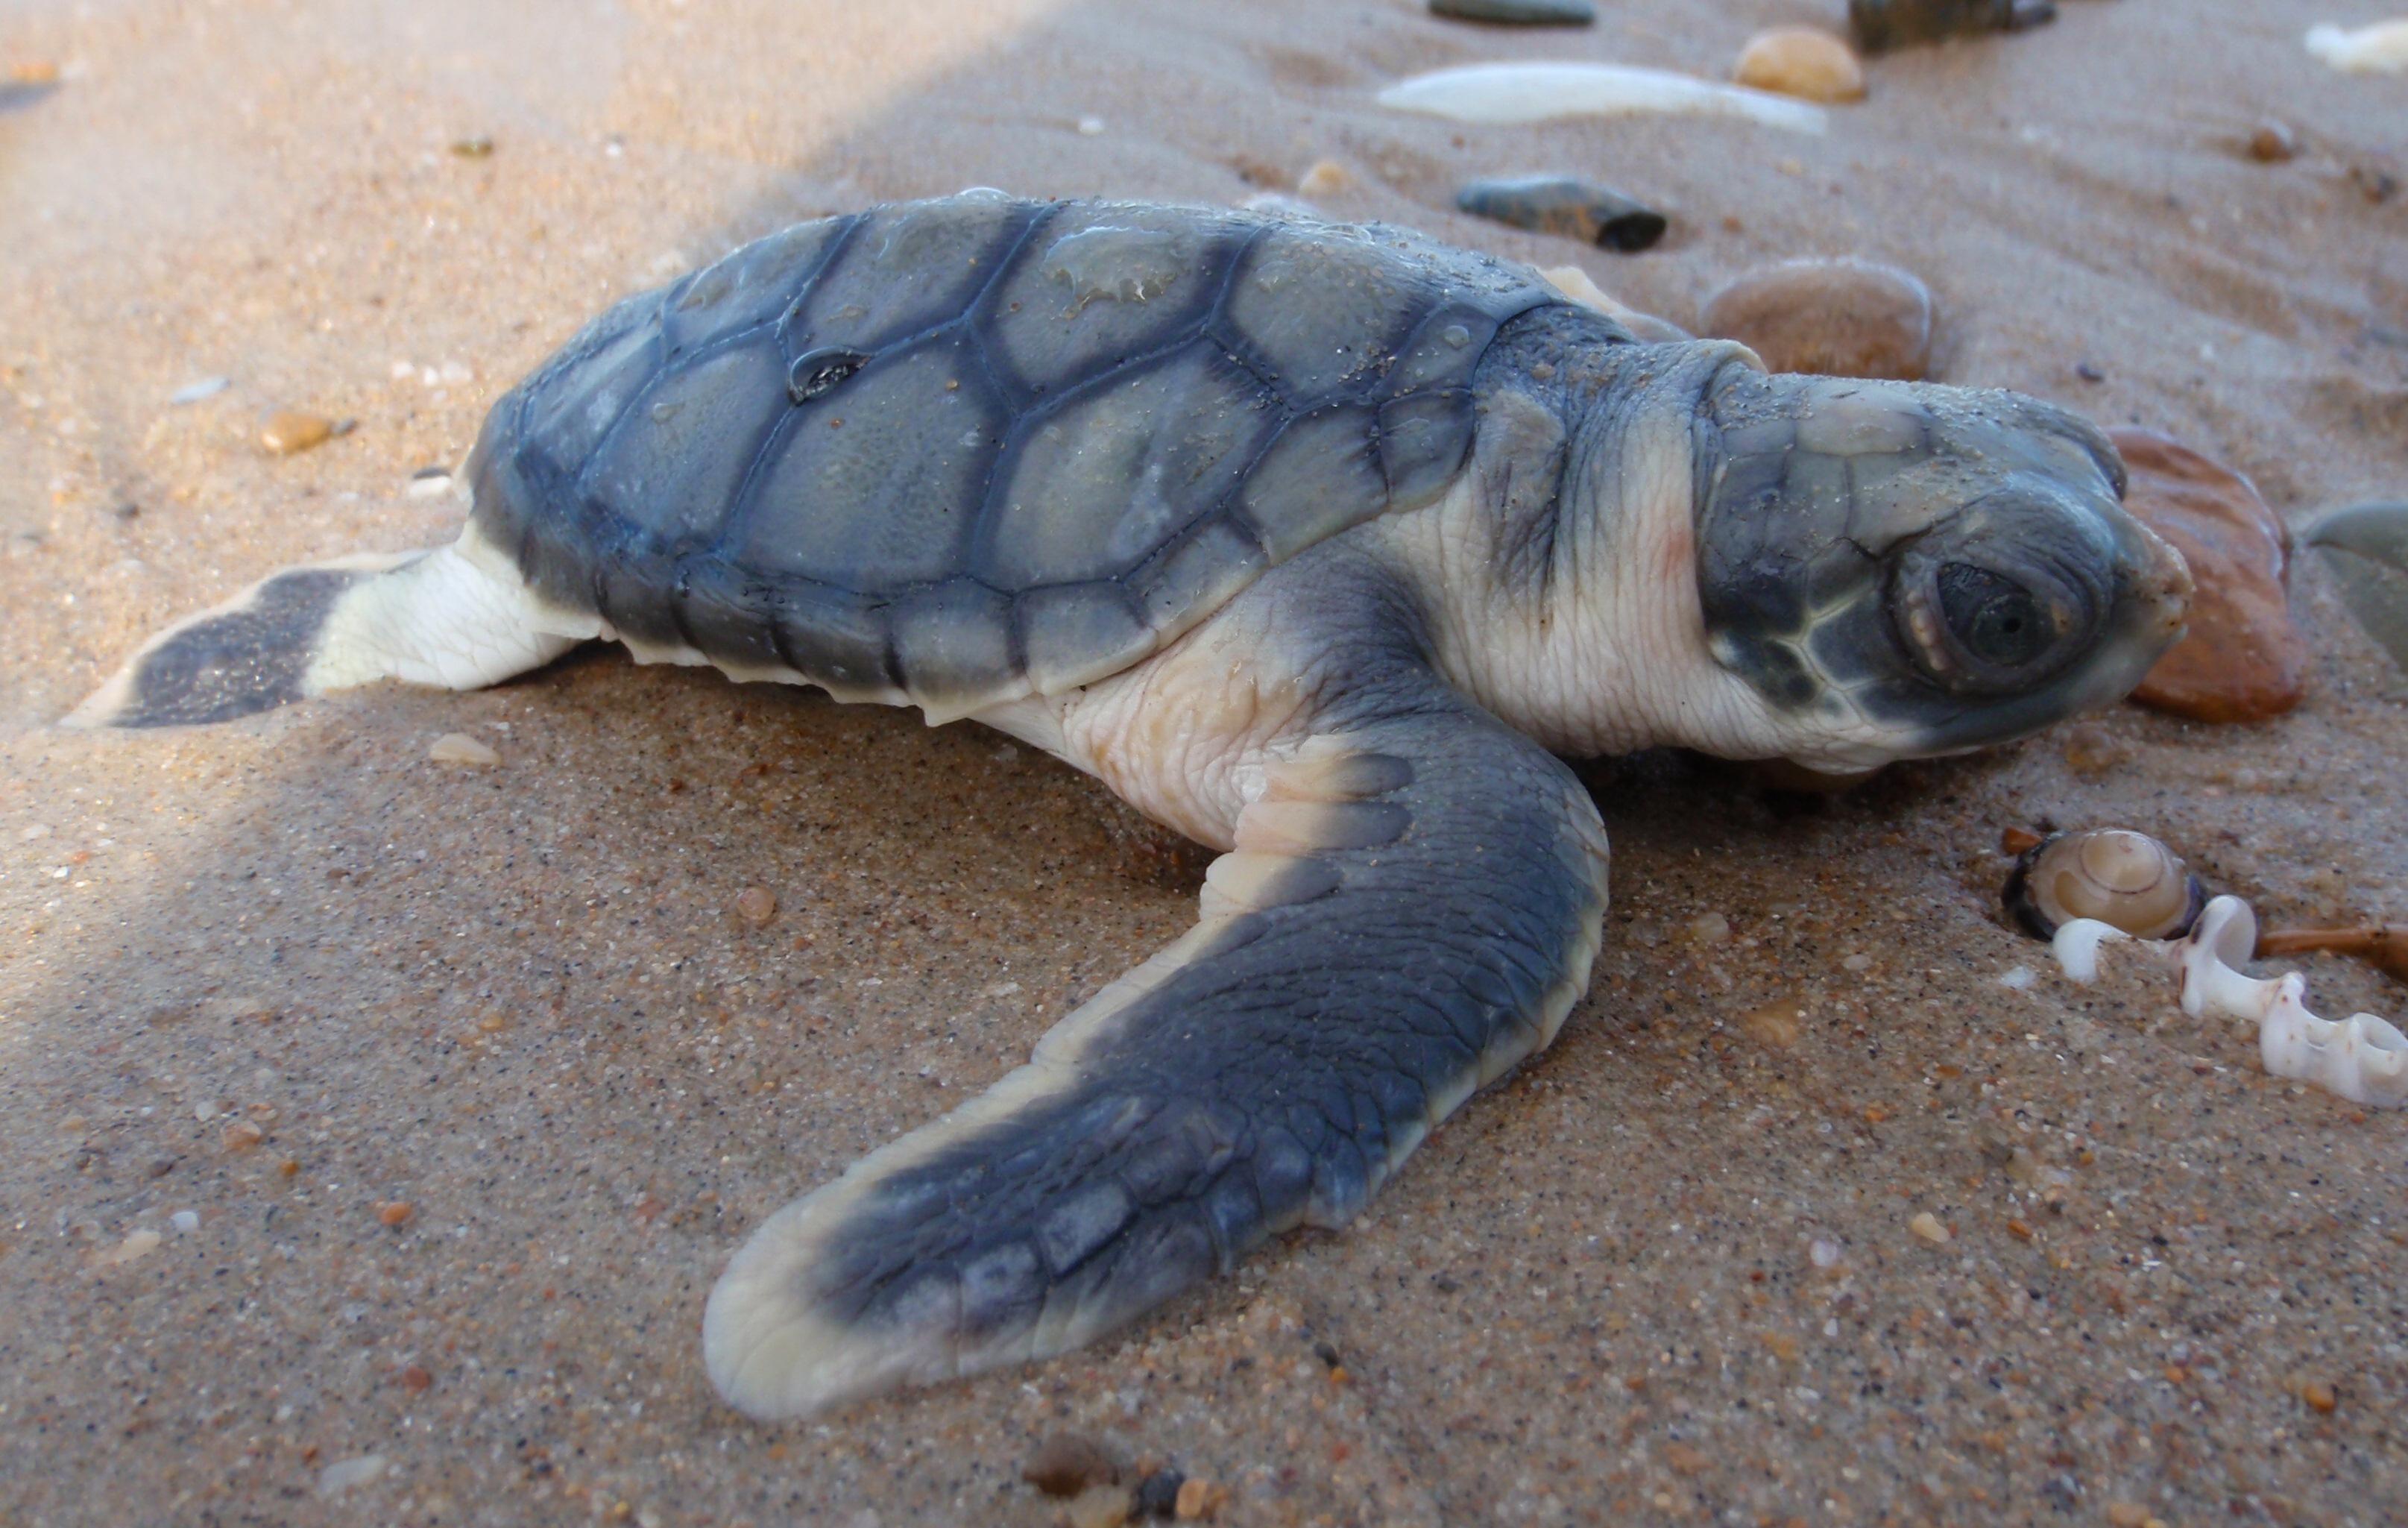 Image of Flatback turtle